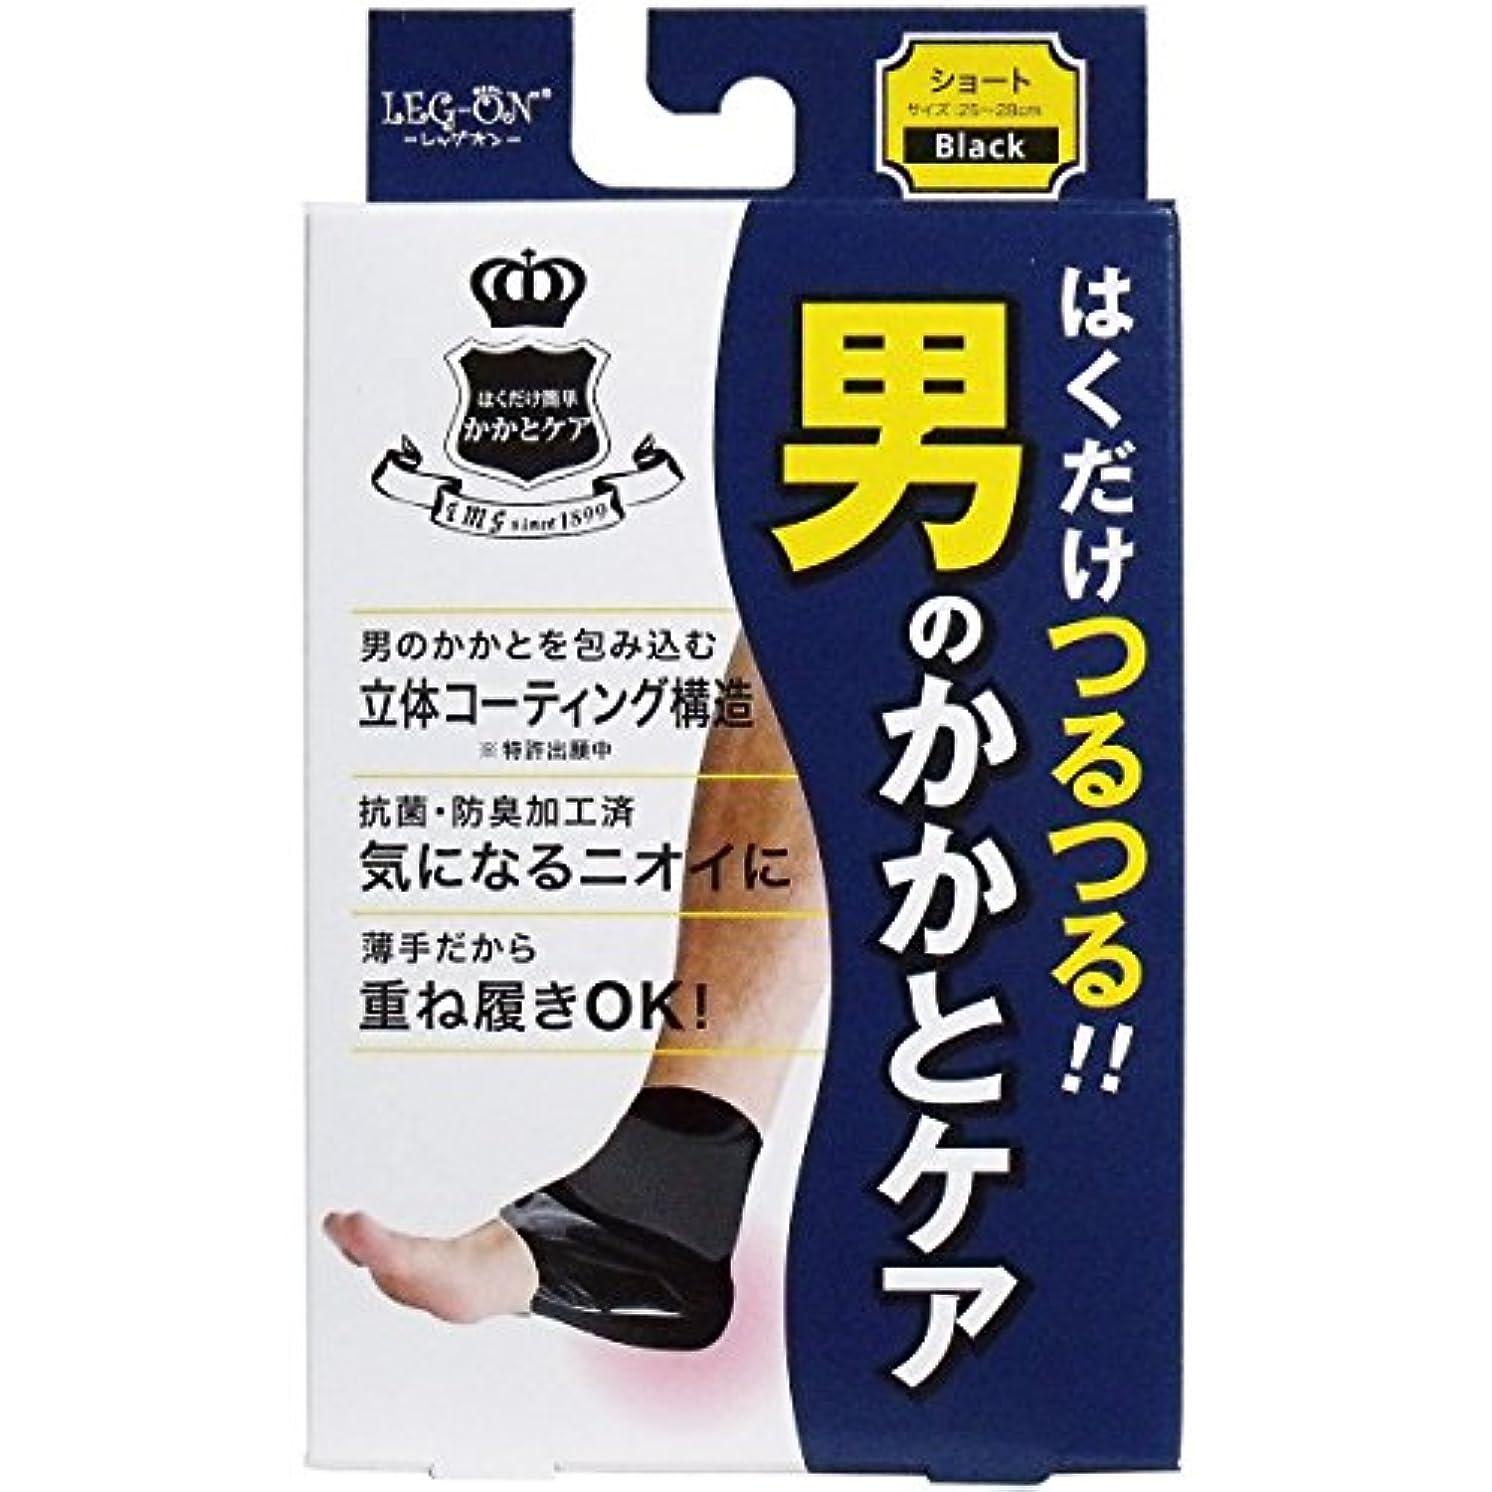 コモランマクラッチ通訳レッグオン 男のかかとケア ブラック 1足分(2枚入)